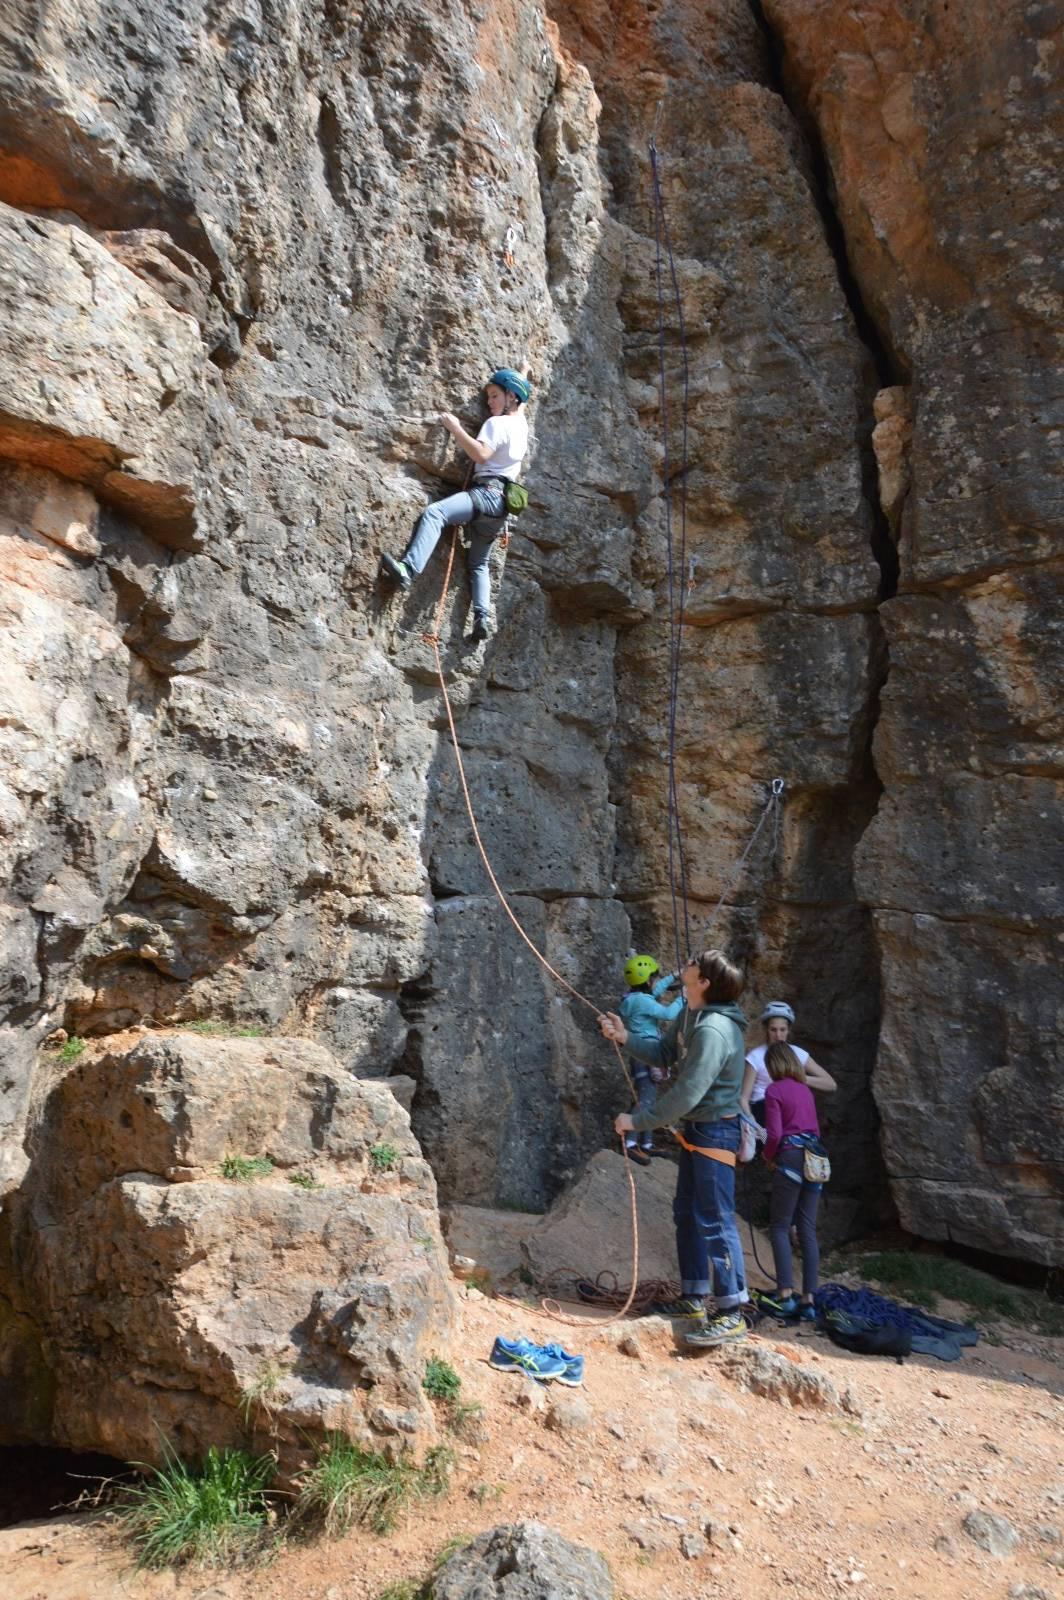 Obiskali smo plezališče Kamnitnik